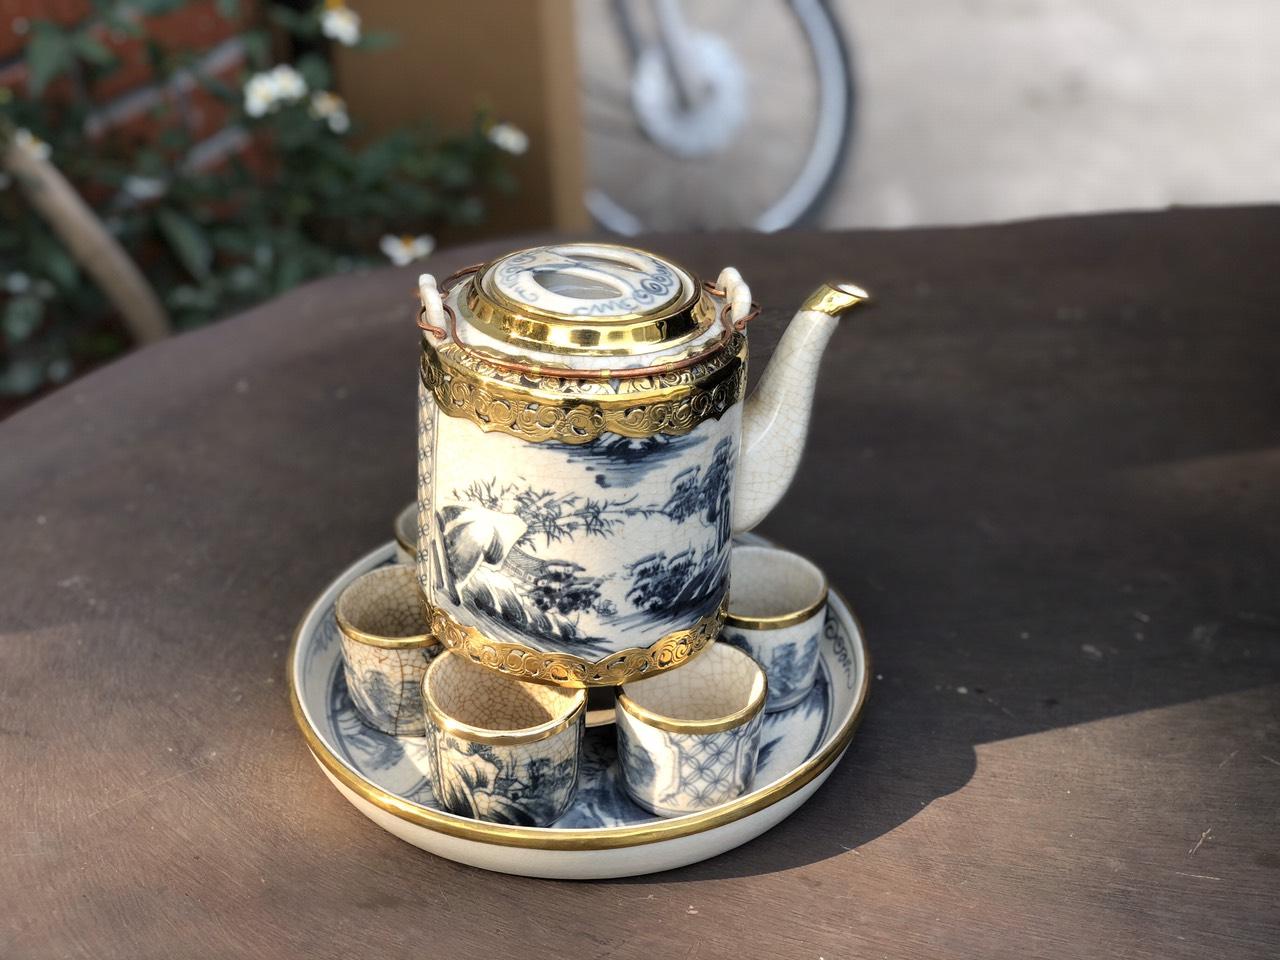 Bộ Ấm Tích Men Rạn Bọc Đồng - Ấm Chén Cao Cấp, hãm nước vối, trà xanh